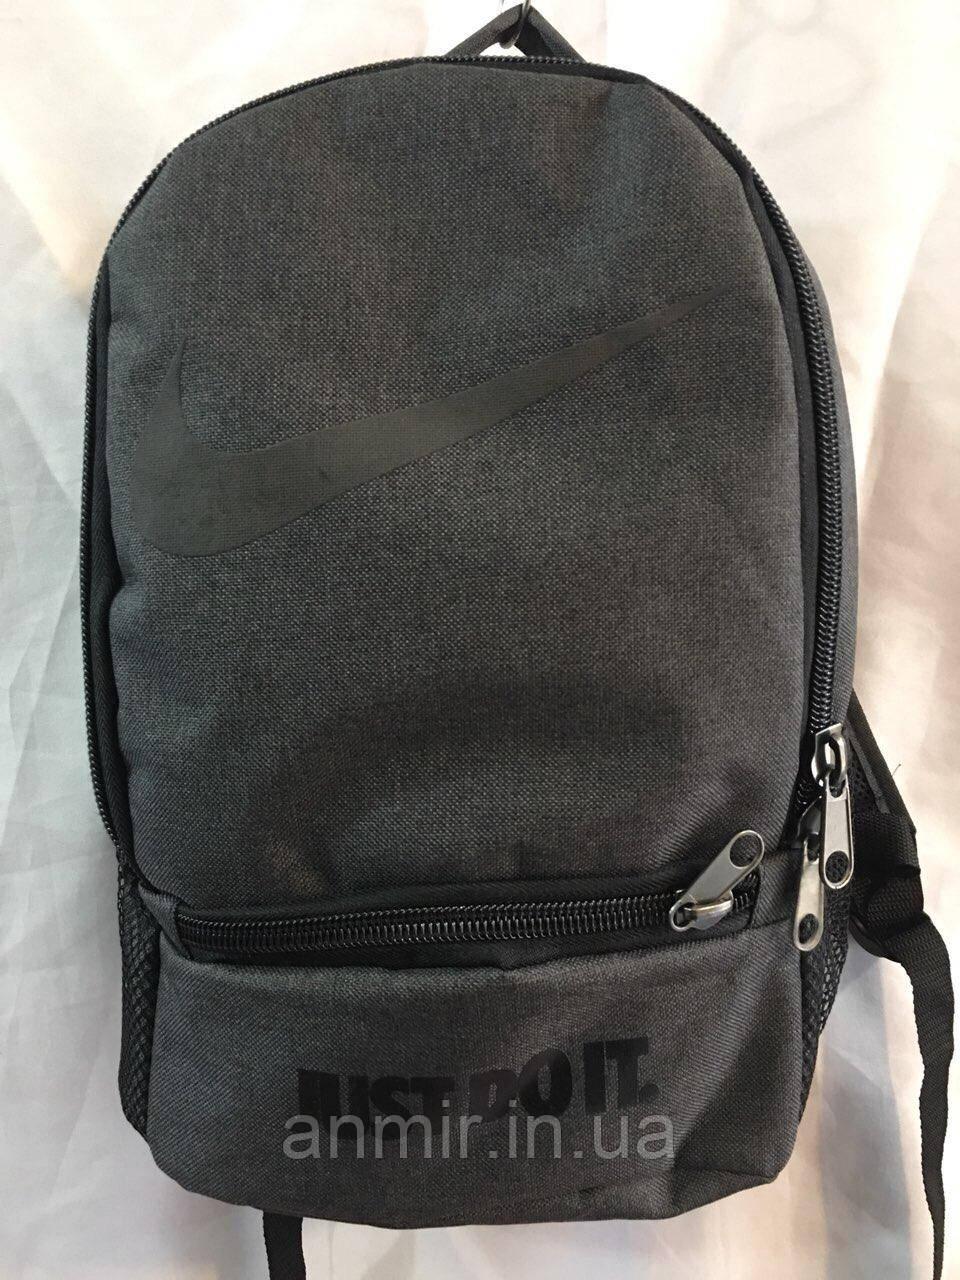 c4718c4f Школьный рюкзак для мальчика,